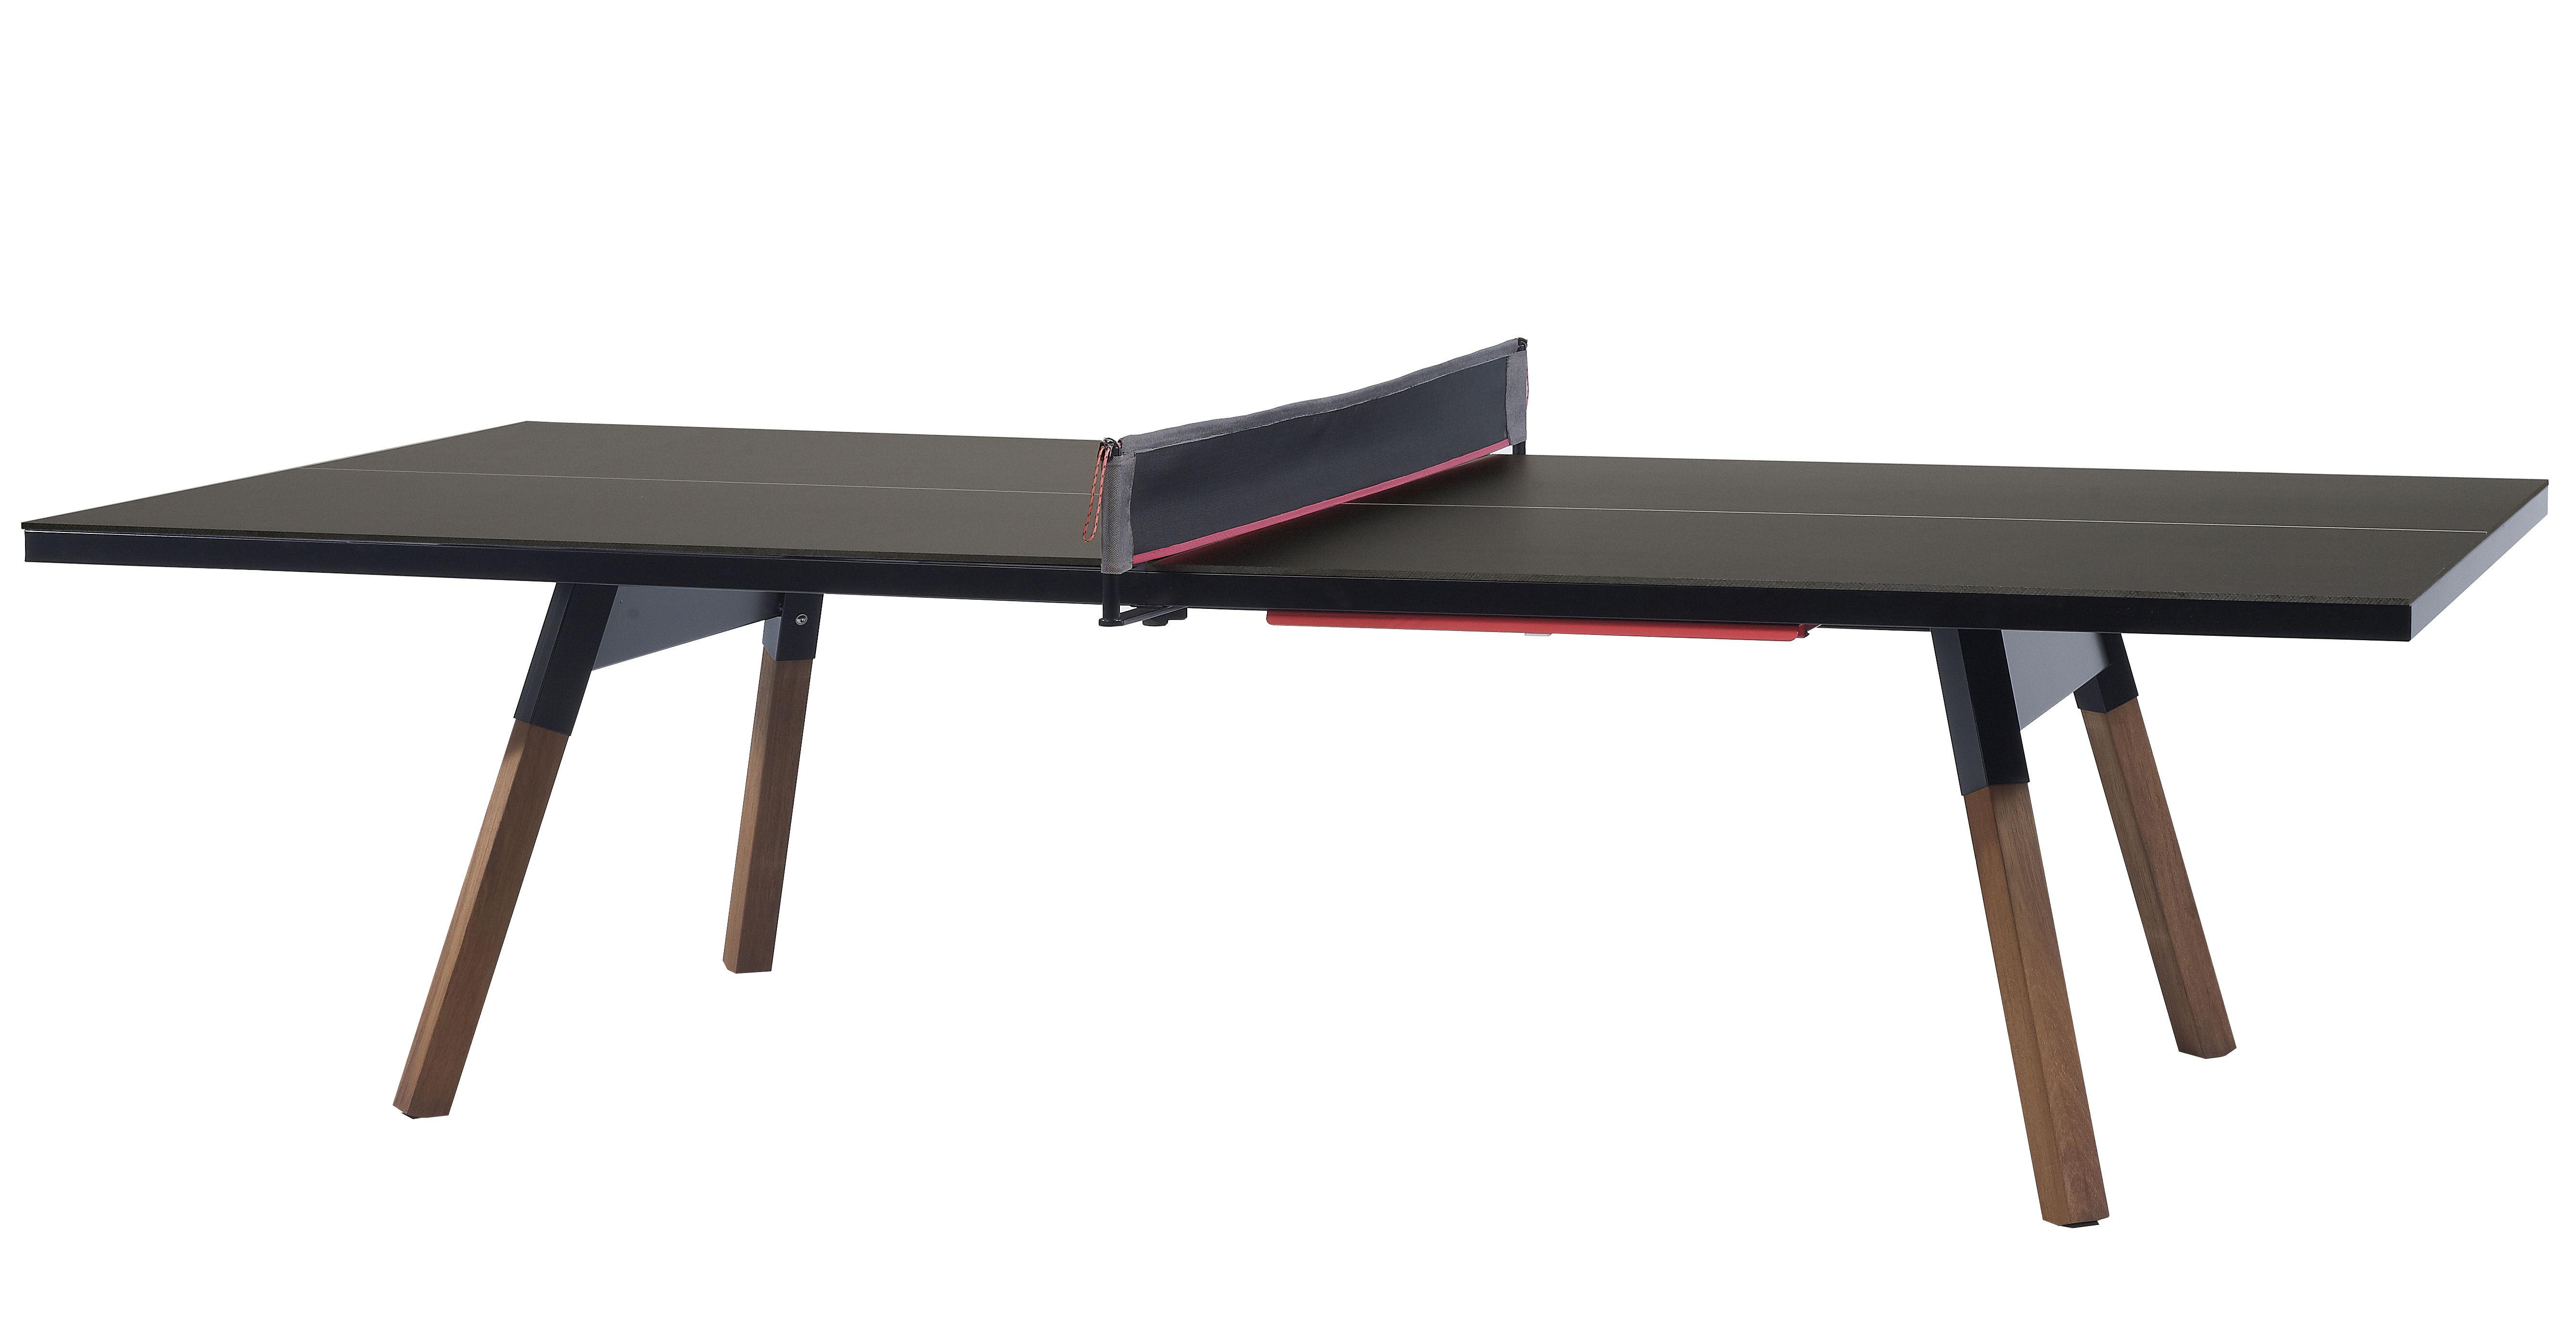 Outdoor - Tables de jardin - Table rectangulaire Y&M / L 274 cm - Table ping pong & repas - RS BARCELONA - Noir / Pieds bois - Acier, Bois Iroko, HPL